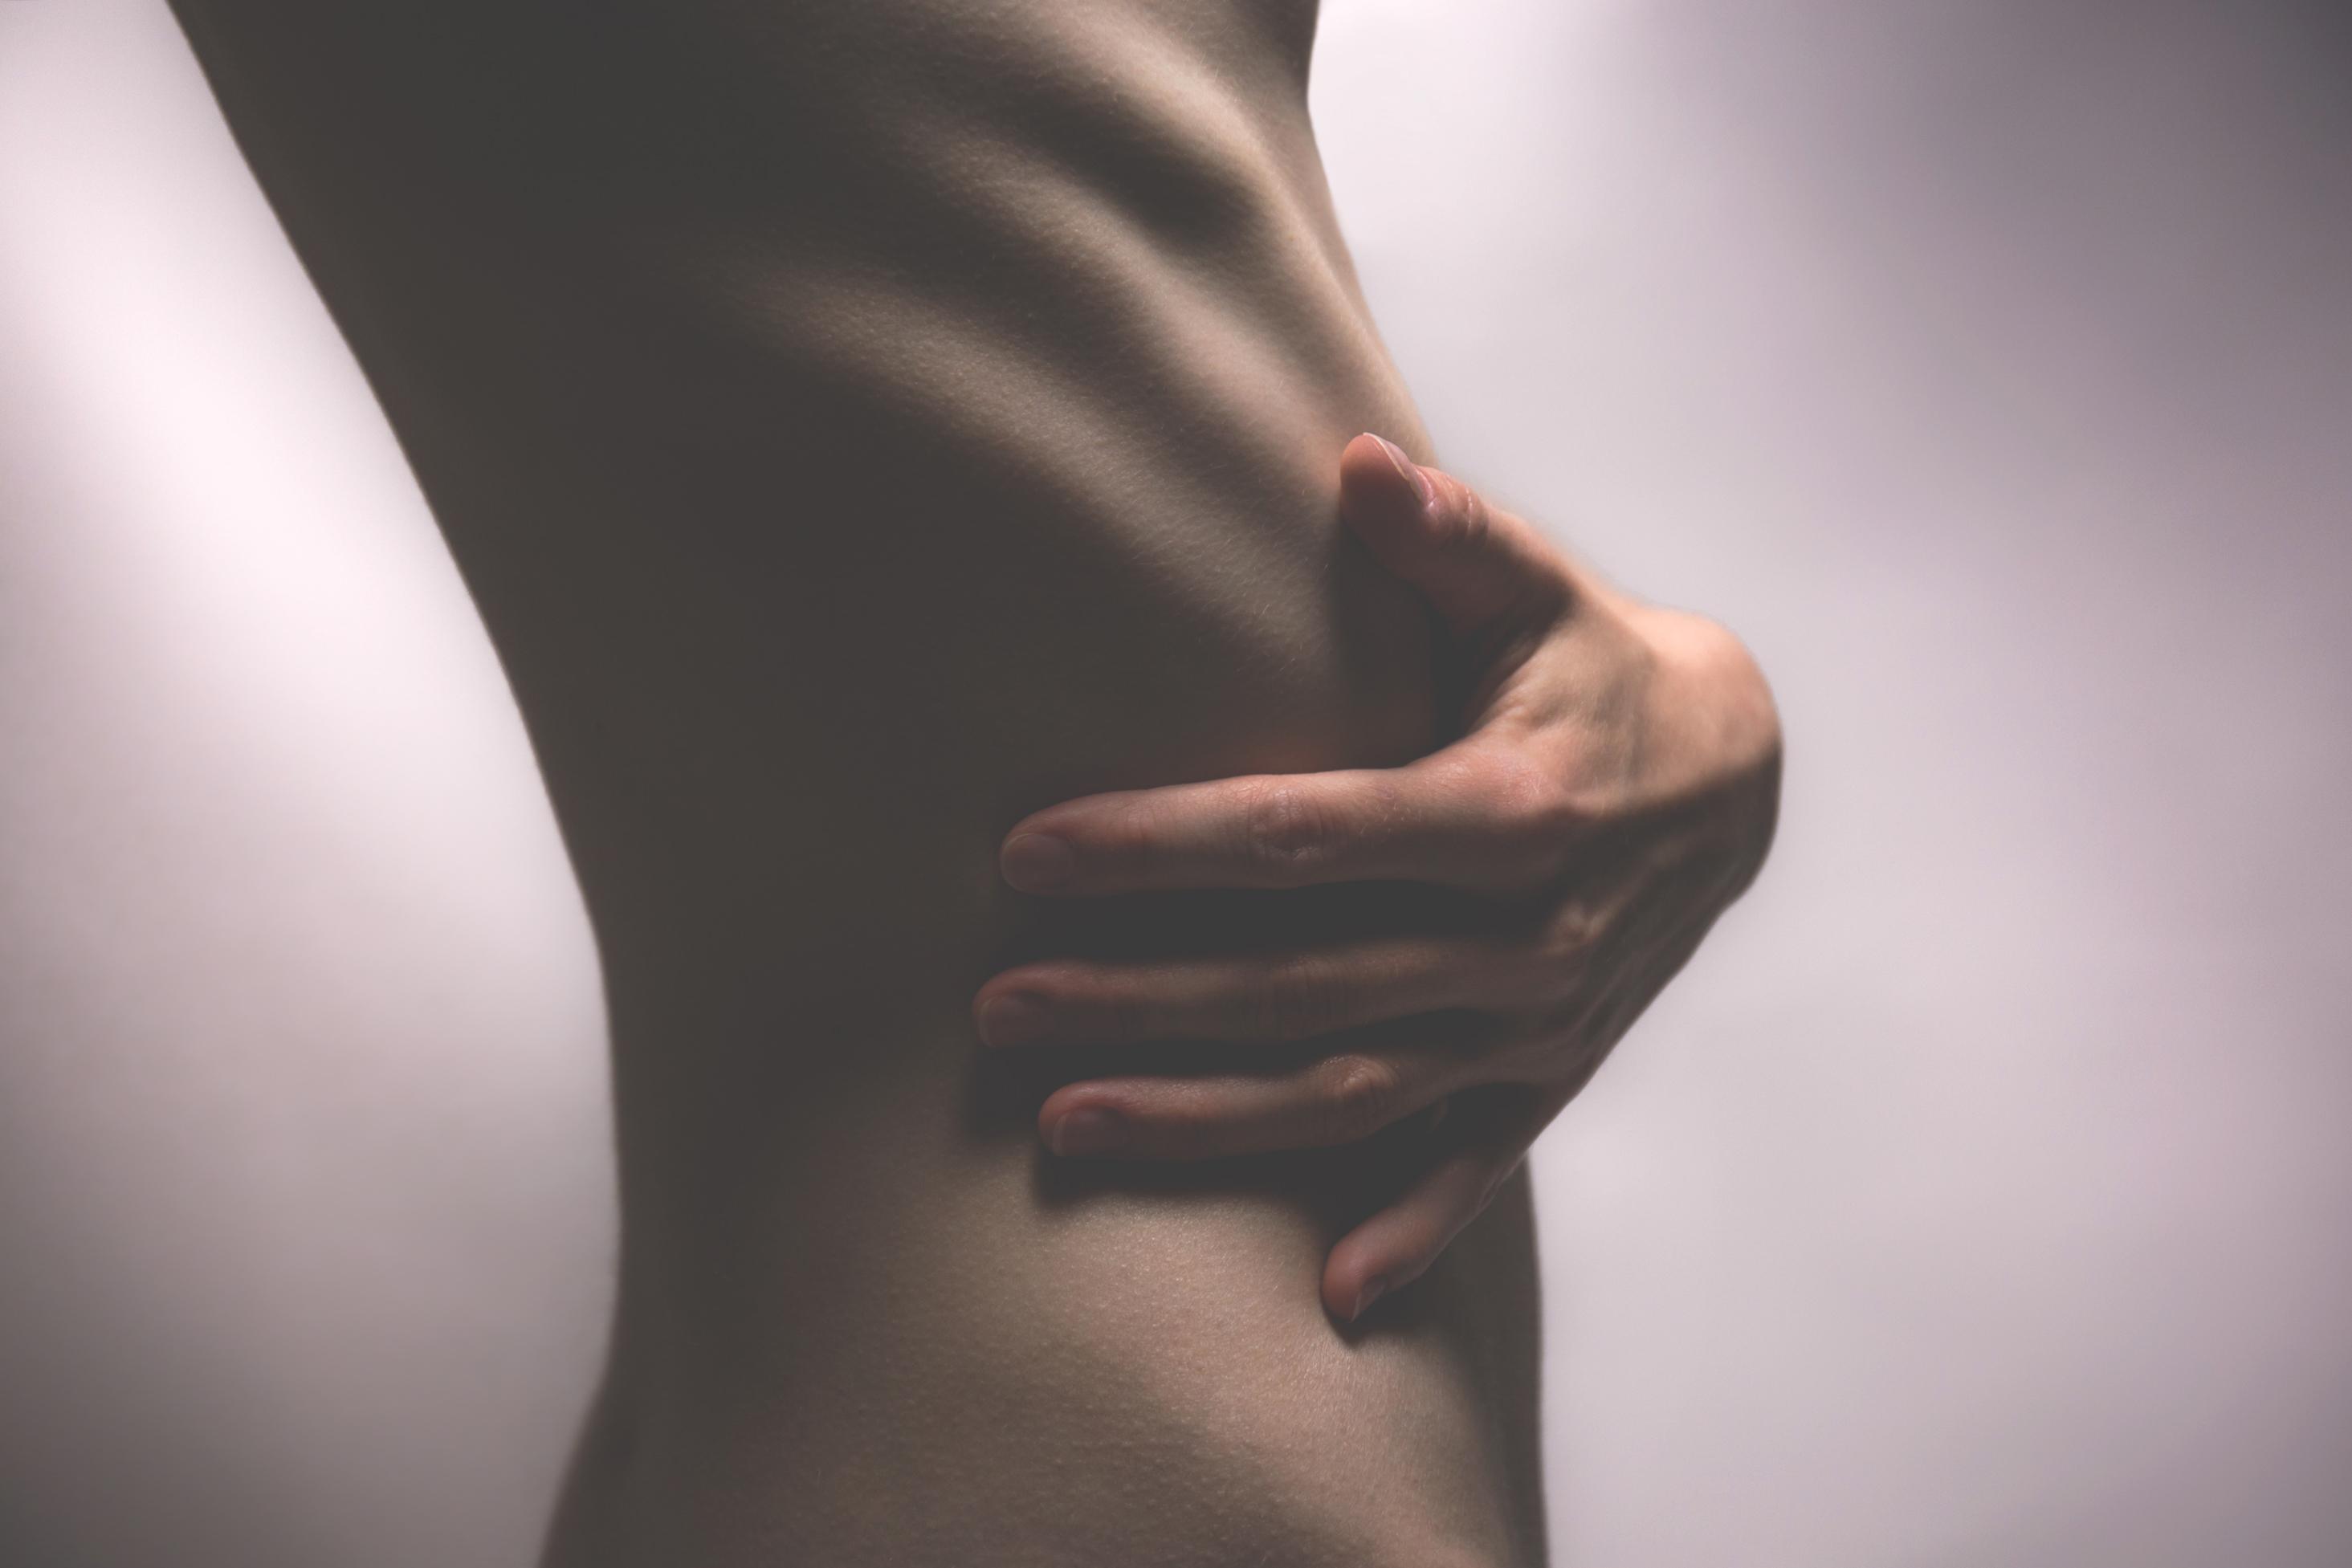 nahý dievča obrázok